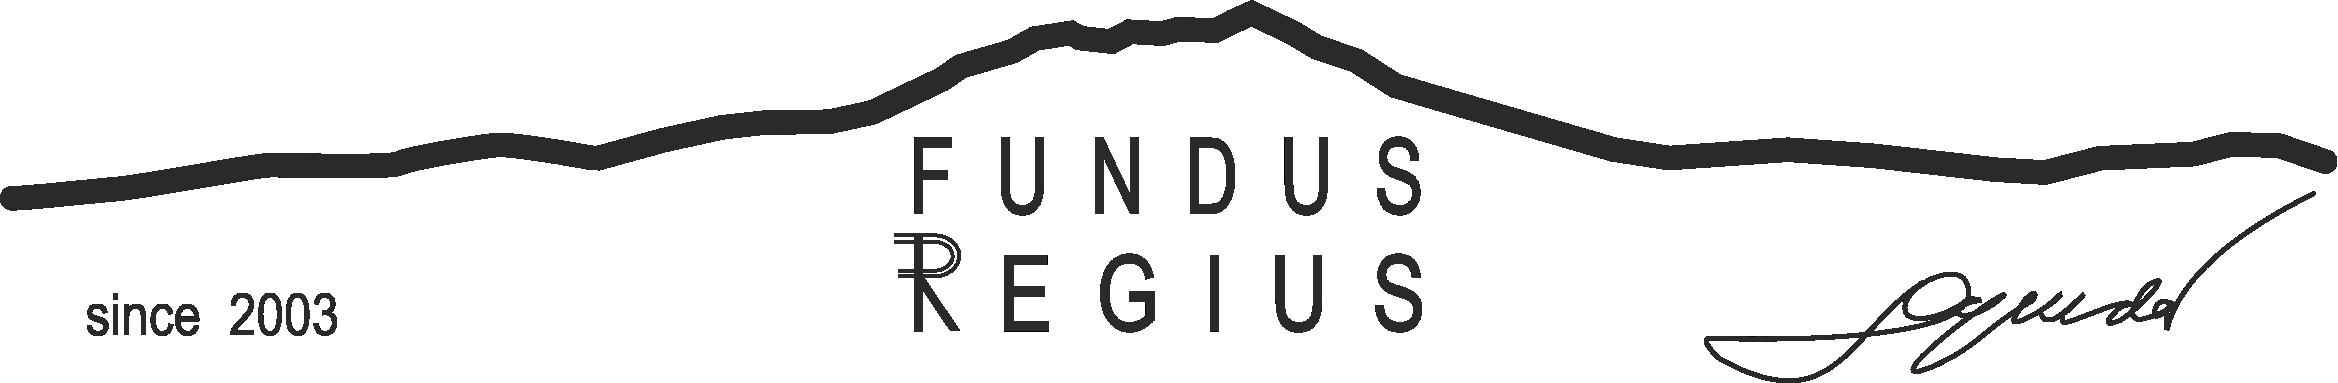 Fundus Regius